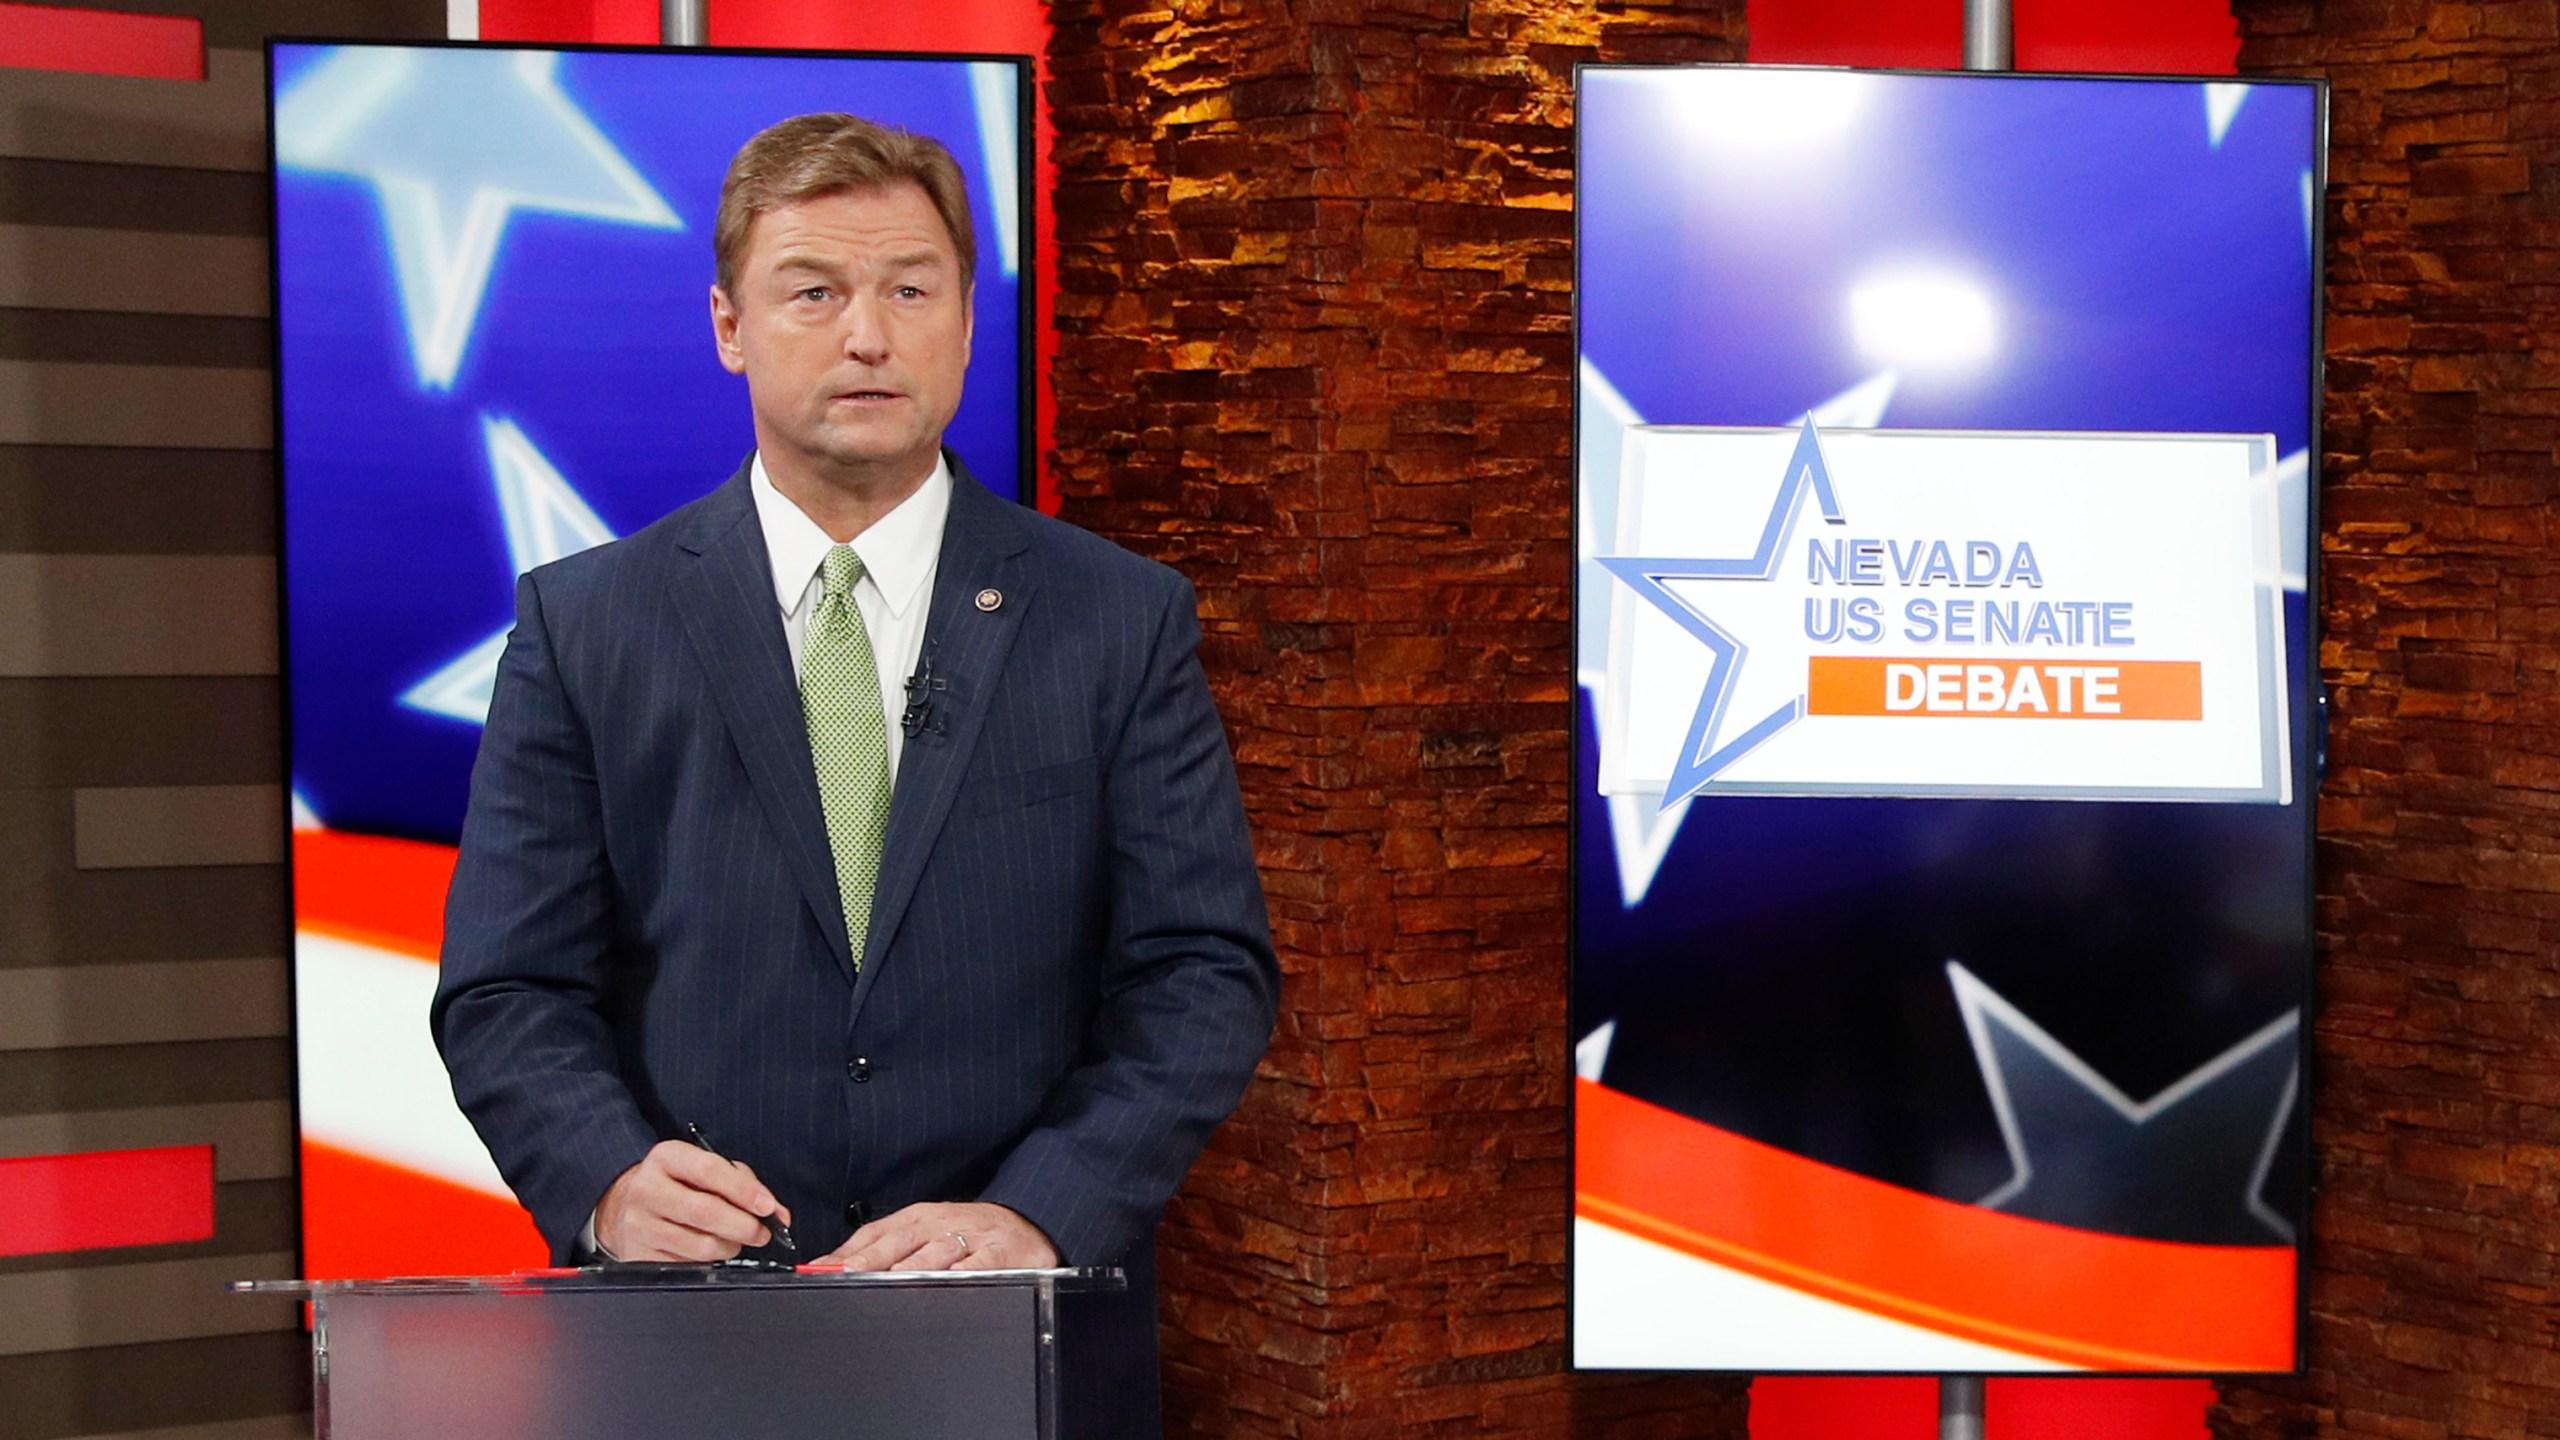 U.S. Sen. Dean Heller, R-NV, prepares for his debate with U.S. Rep. Jacky Rosen, D-NV, at KLAS Channel 8 Studios on Oct. 19, 2018 in Las Vegas. (Credit: John Locher-Pool/Getty Images)